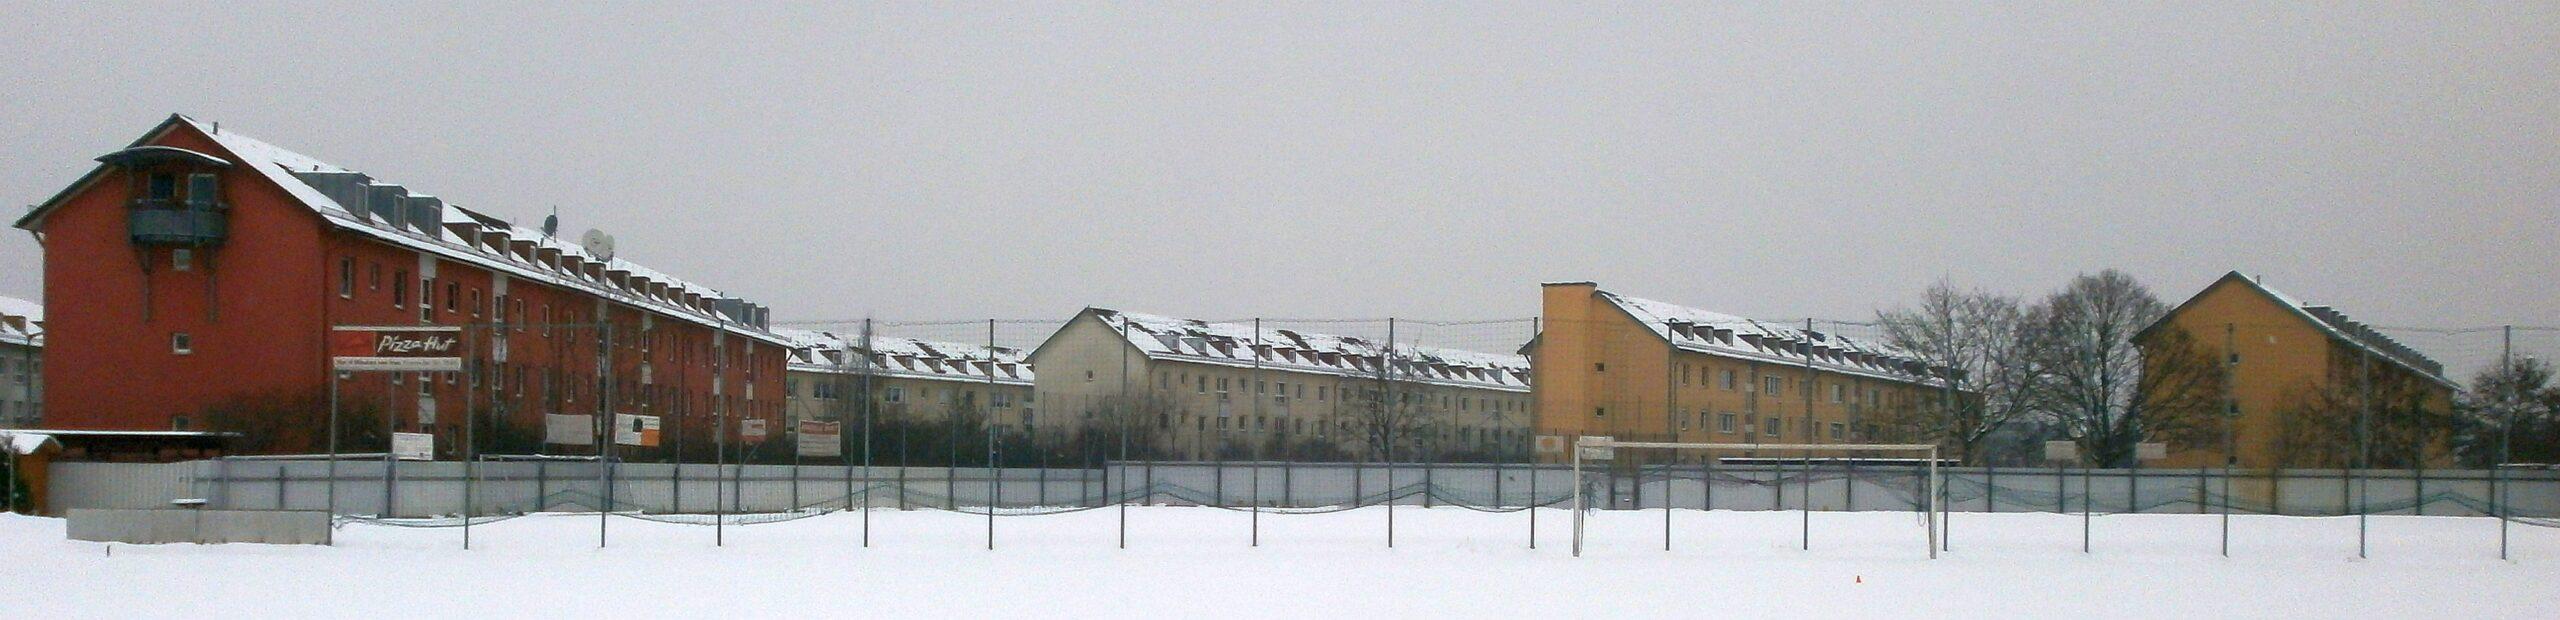 Die Häuserreihen hinter dem Stadion